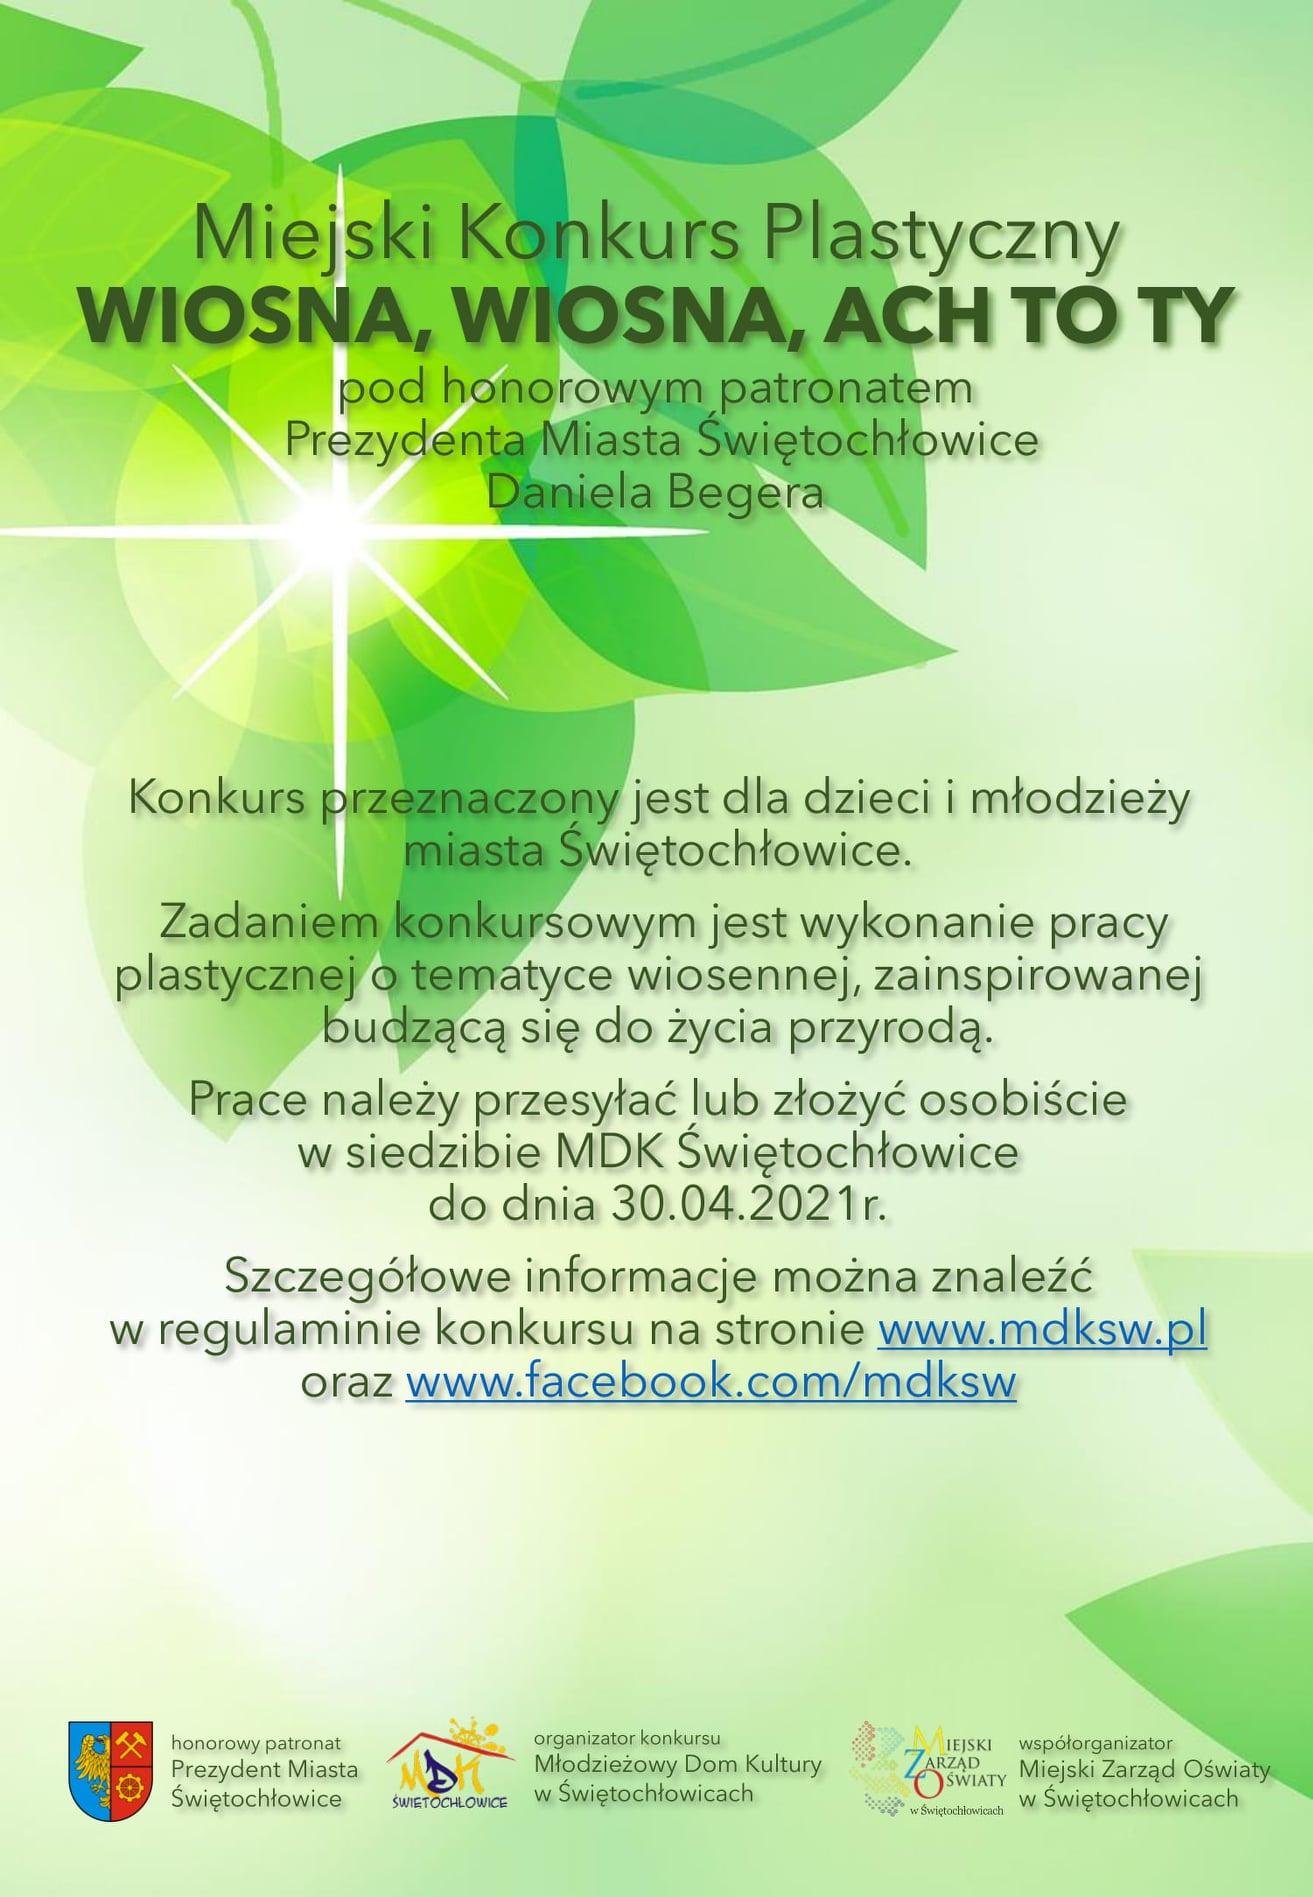 wiosna ach to ty konkurs plastyczny MDK